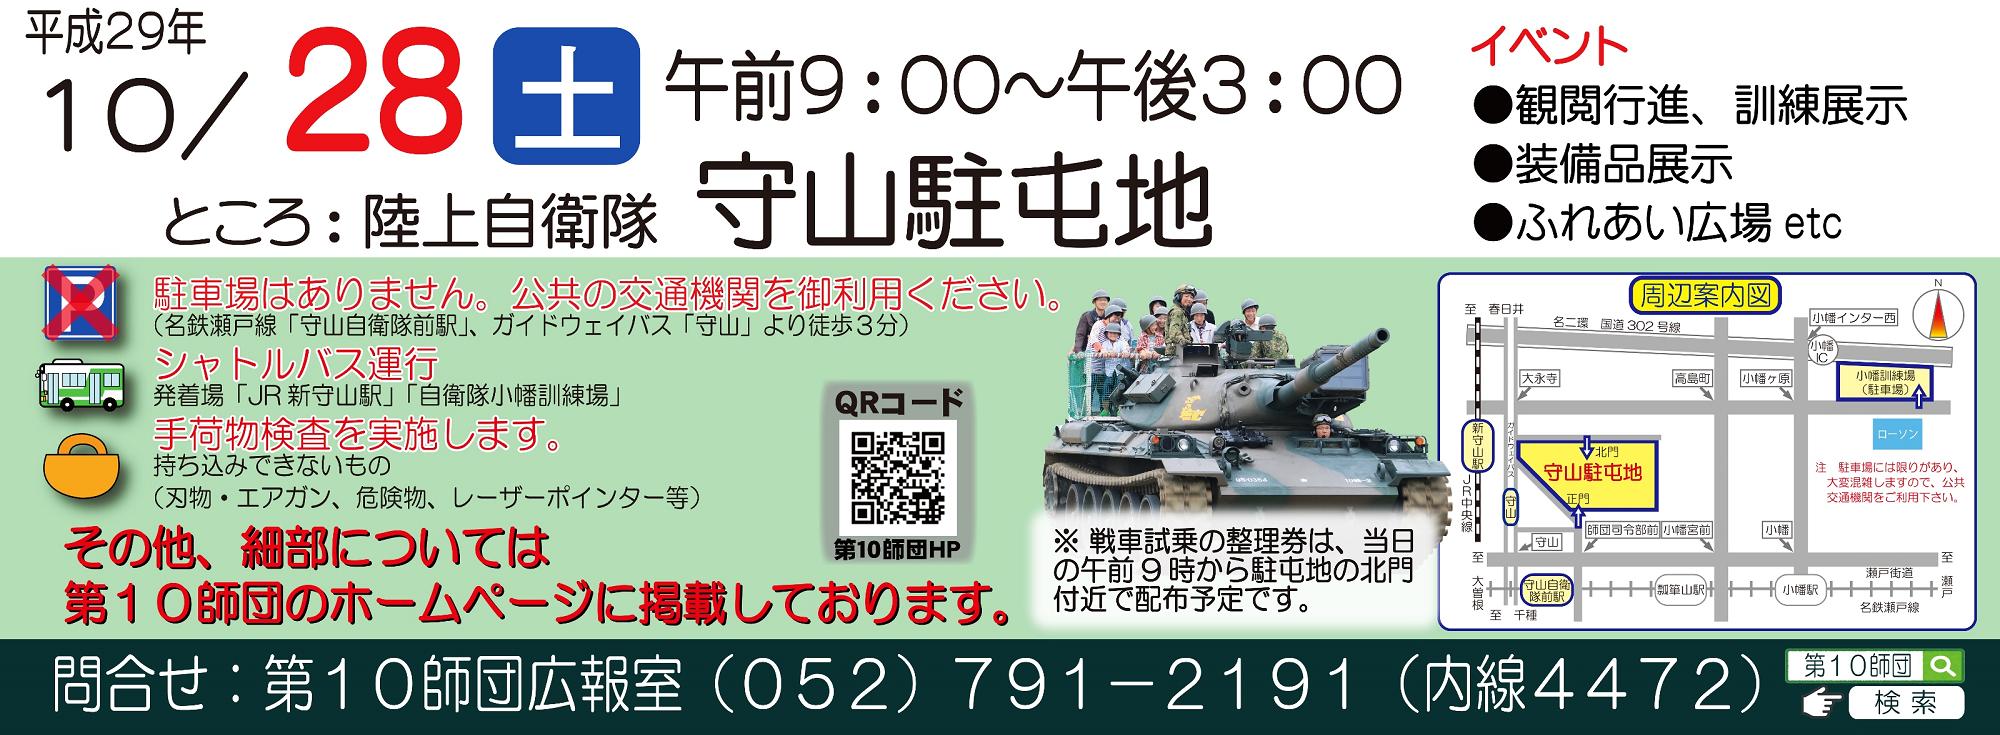 2017.10.28 陸上自衛隊第10師団創立55周年記念行事 (う)